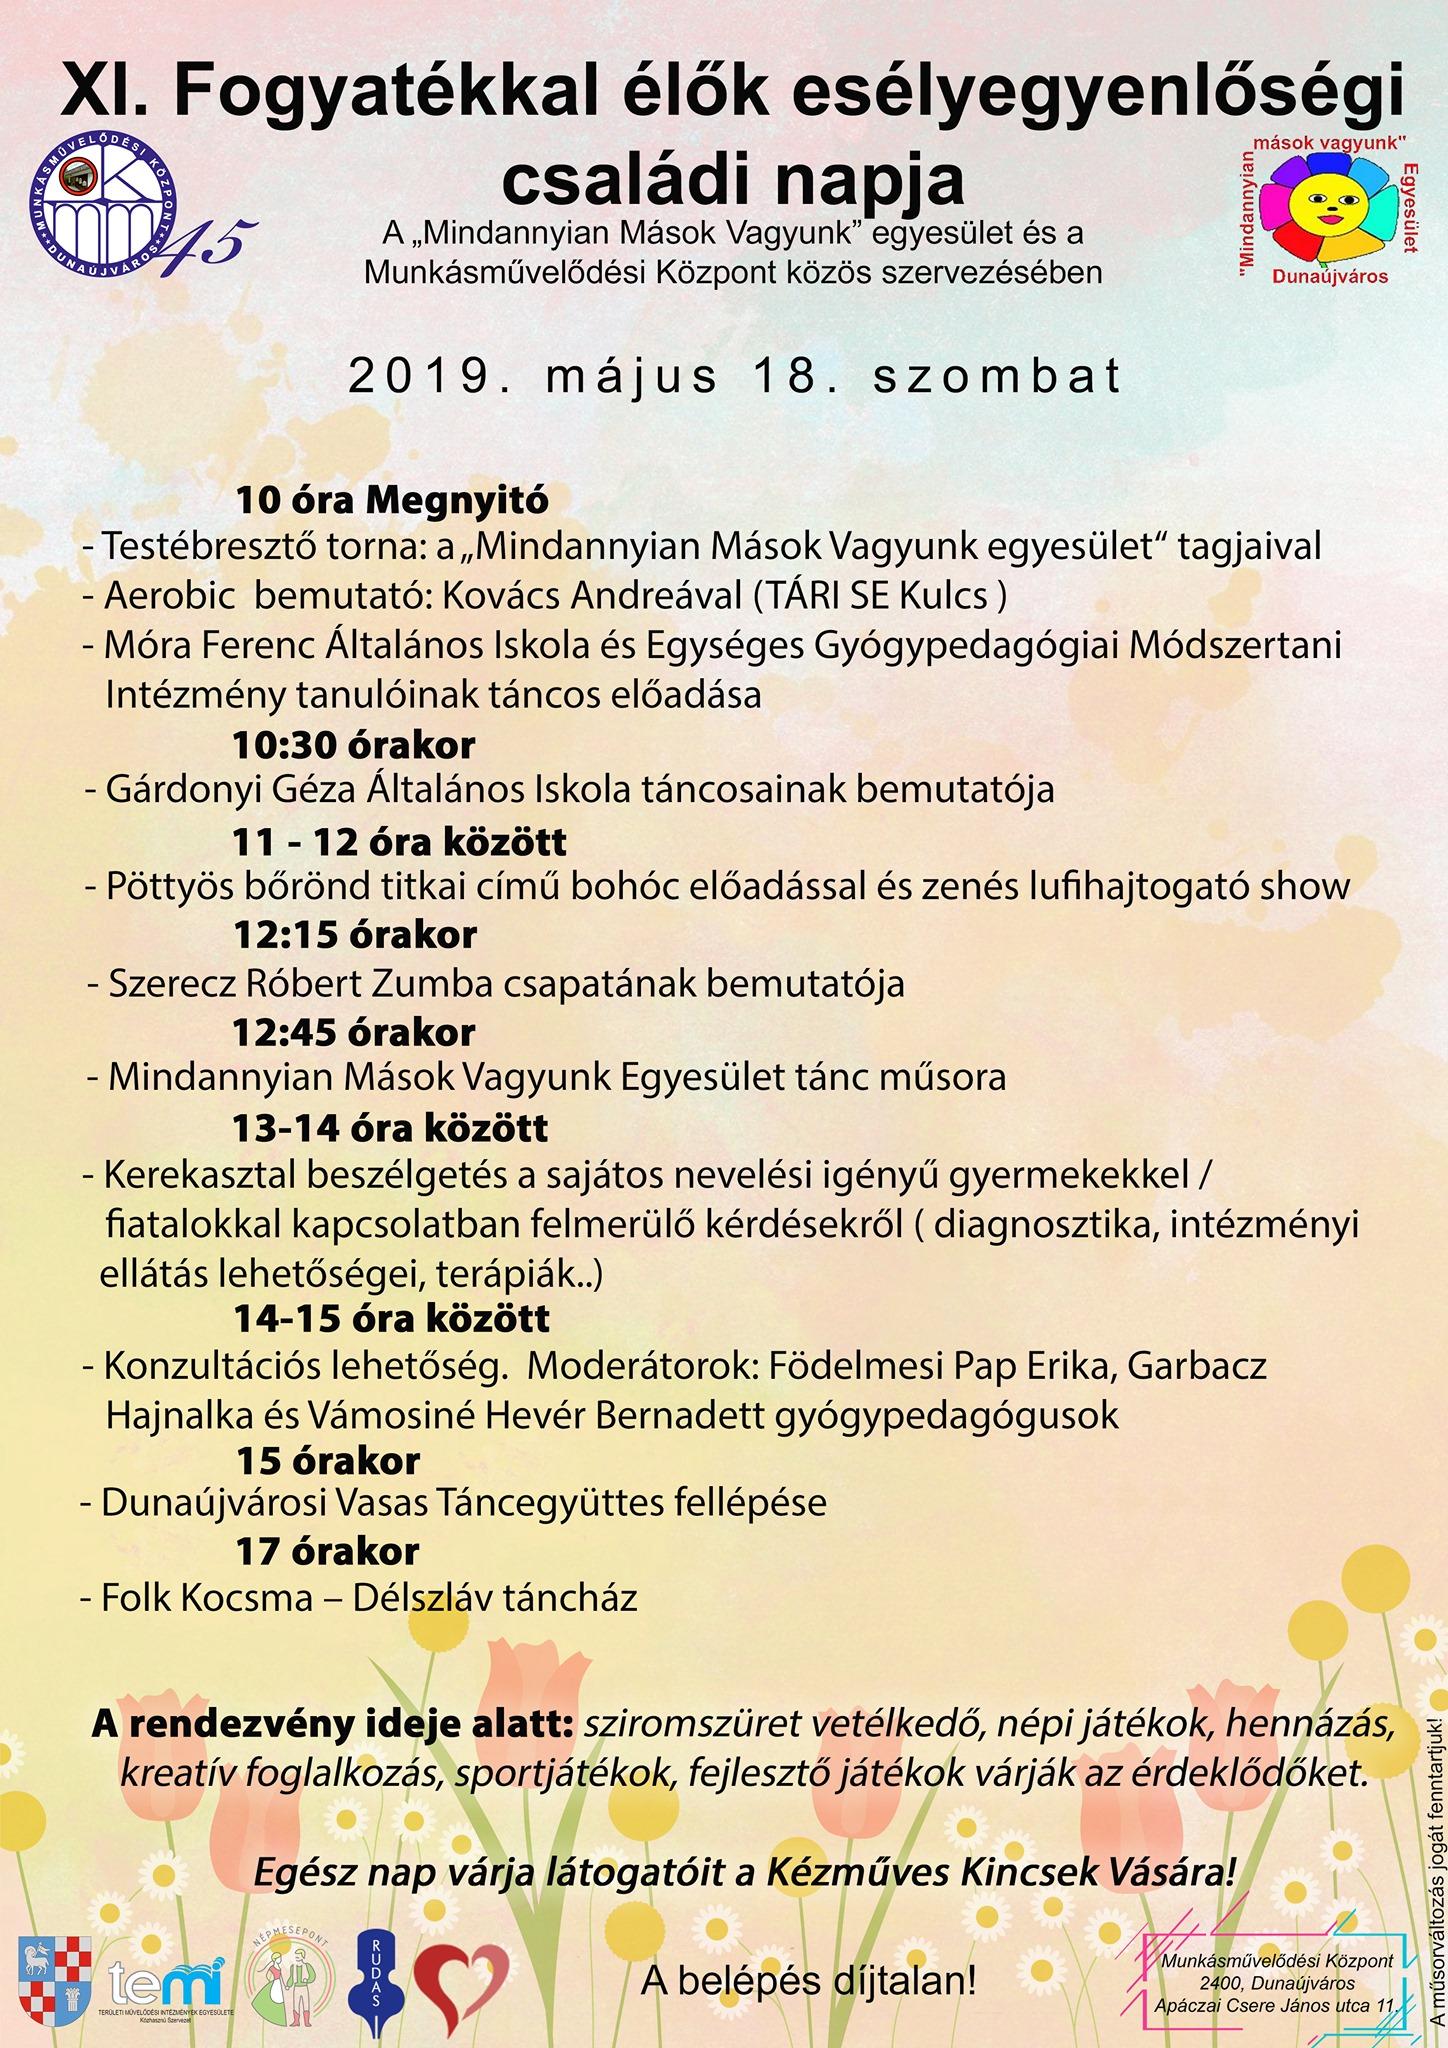 XI. Fogyatékkal Élők Esélyegyenlőségi családi napja az MMK-ban!